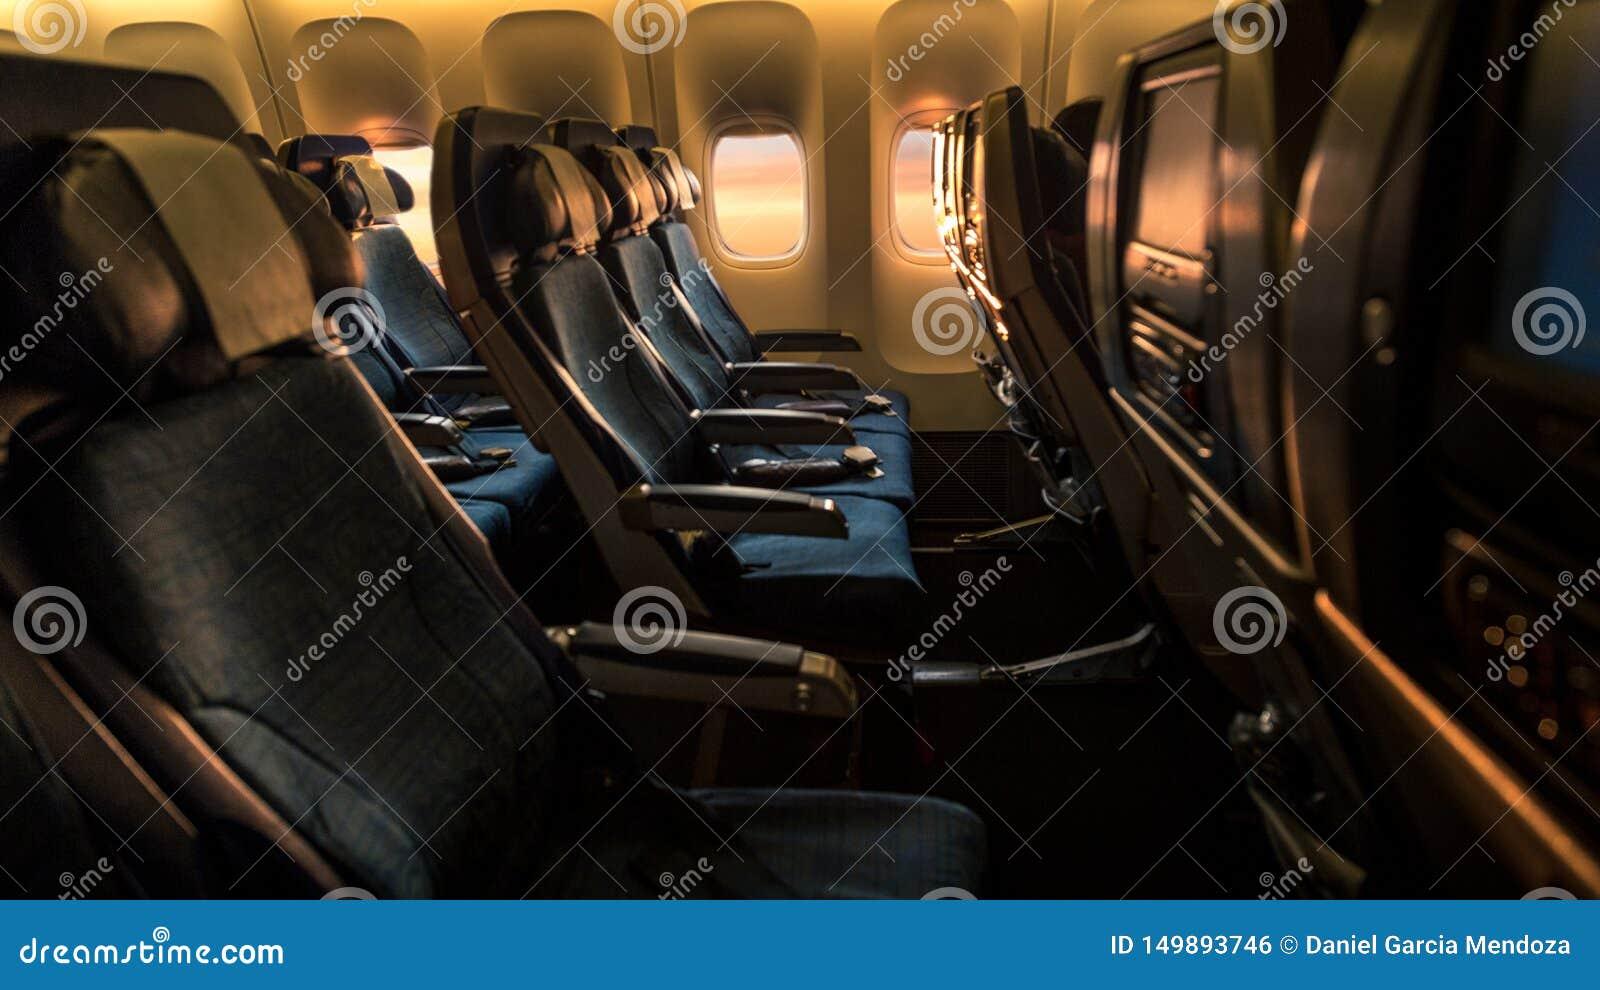 Vliegtuig lege cabine met een mooi zonsondergang oranje licht